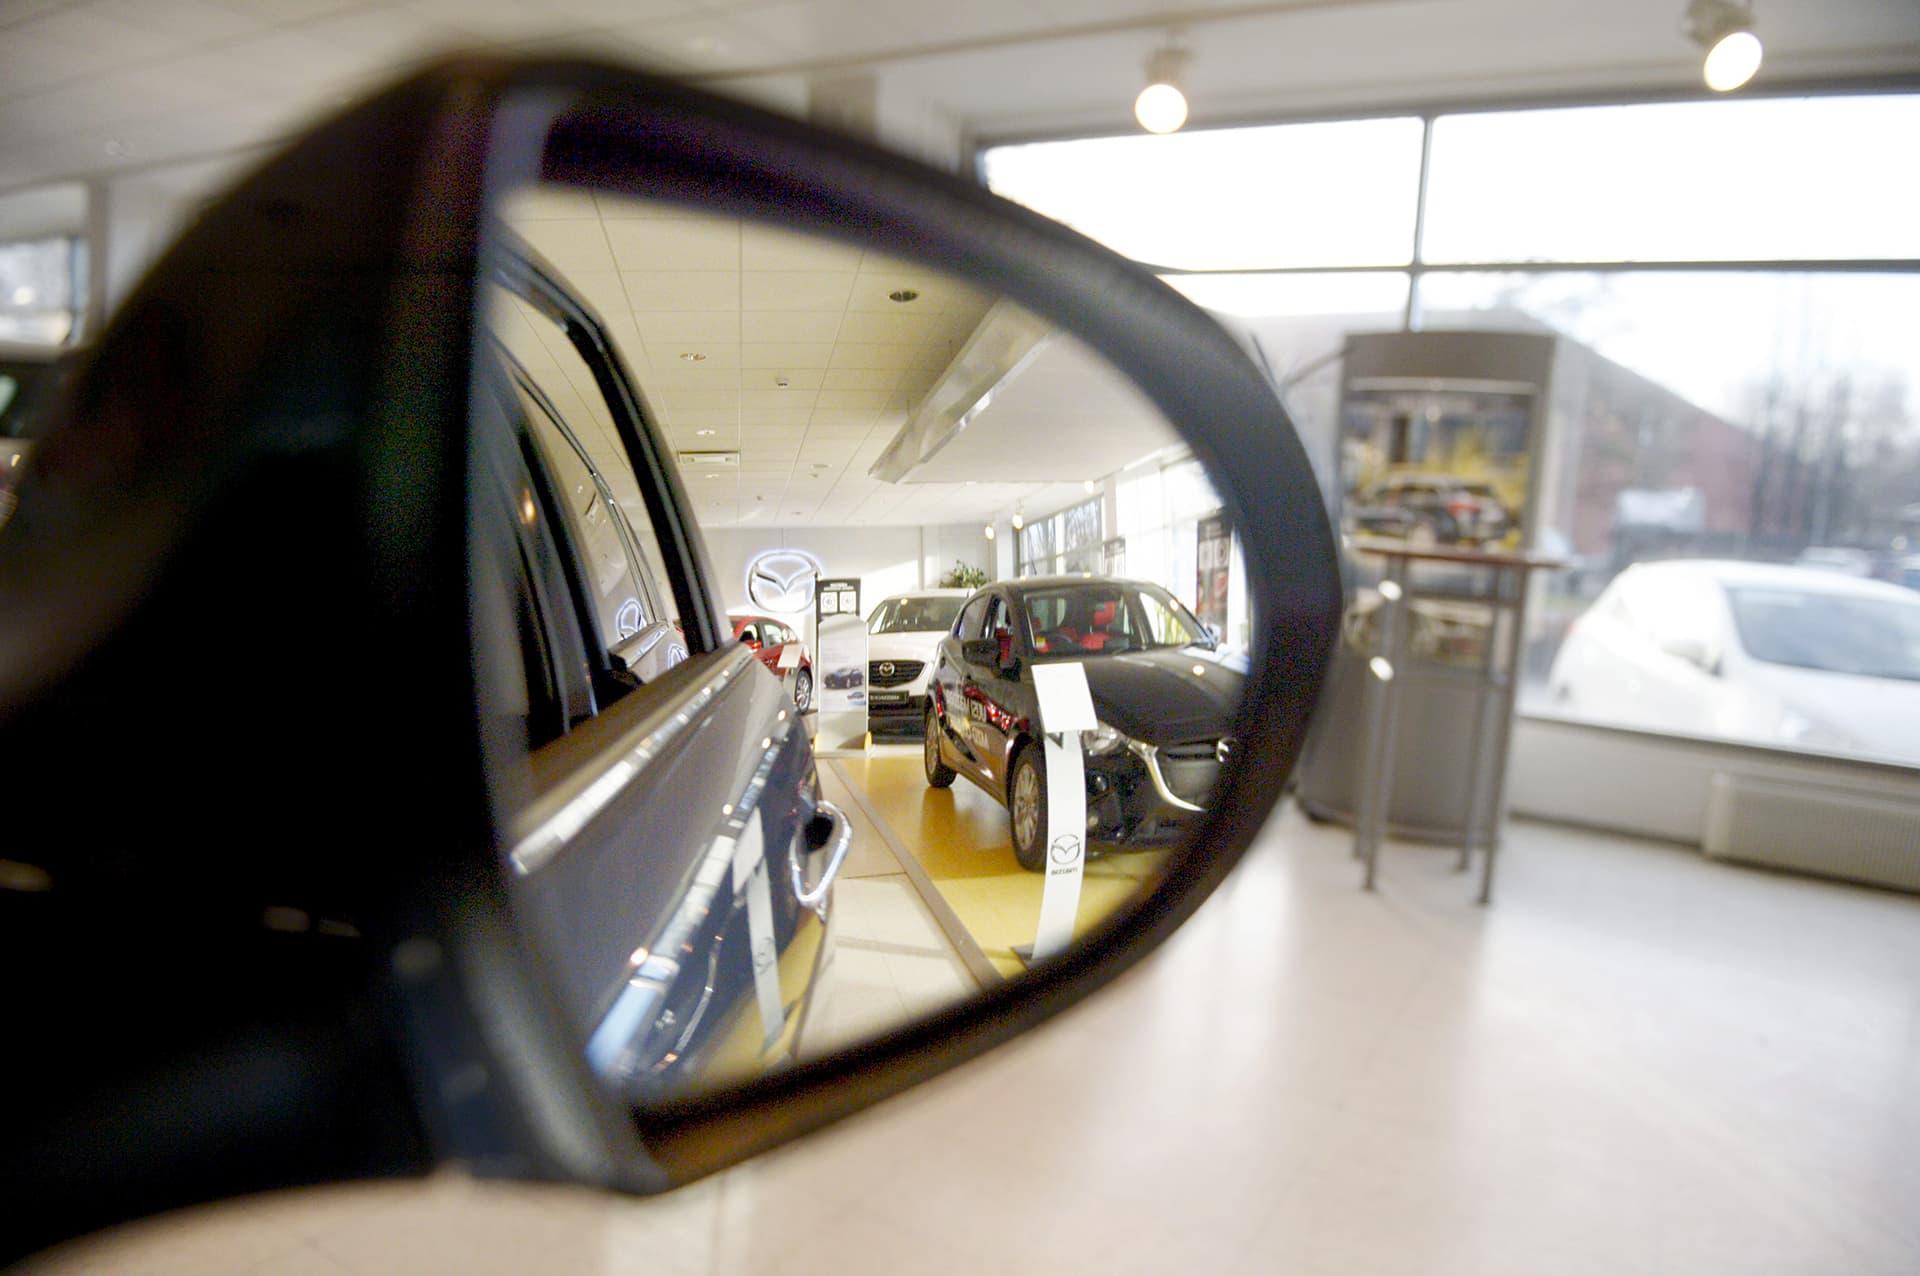 Myynnissä oleva autoja Delta-auton hallissa Konalassa Helsingissä.